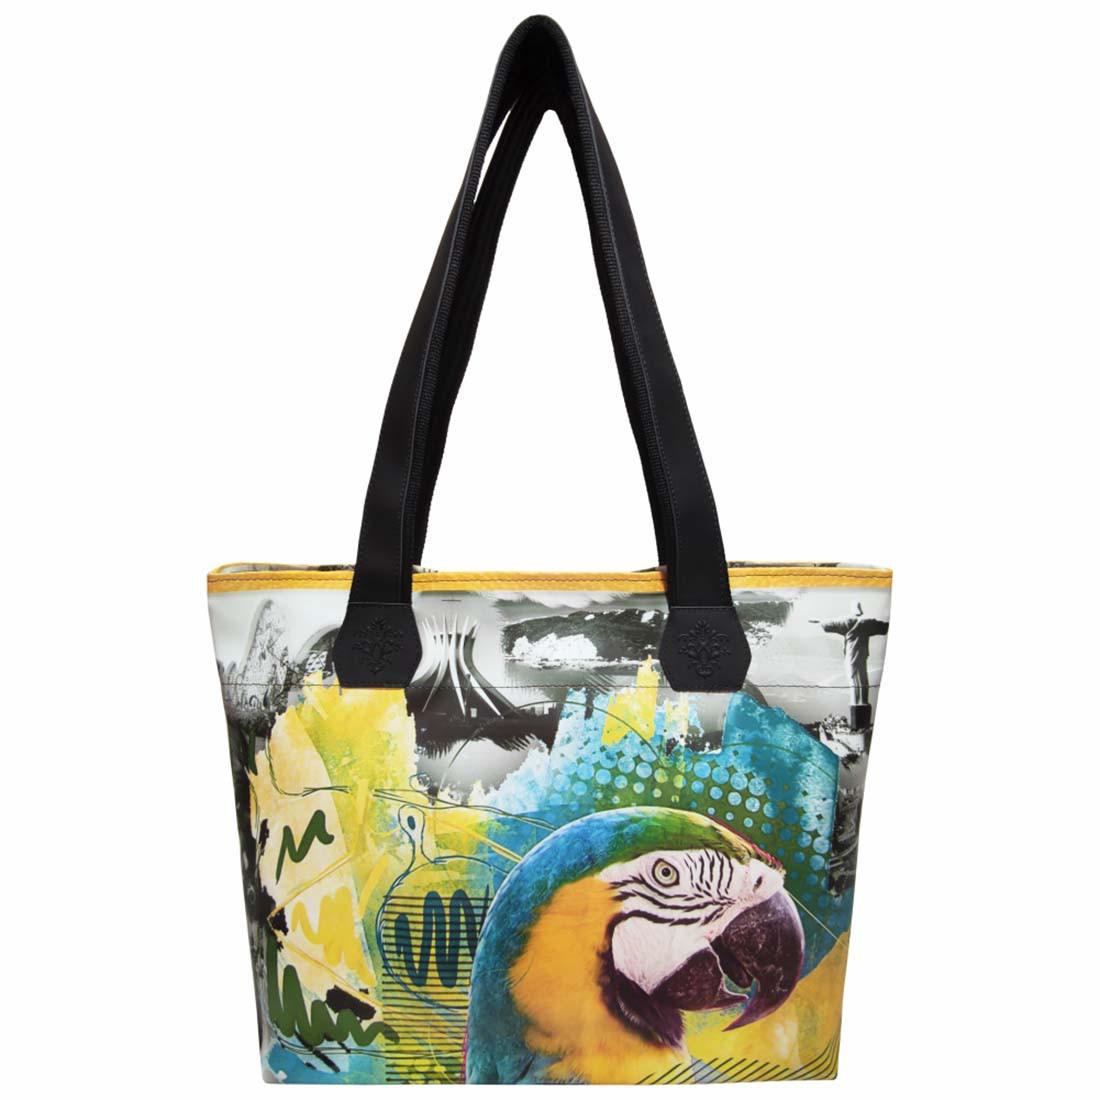 Bolsa Feminina Tropical Arara, Magicc